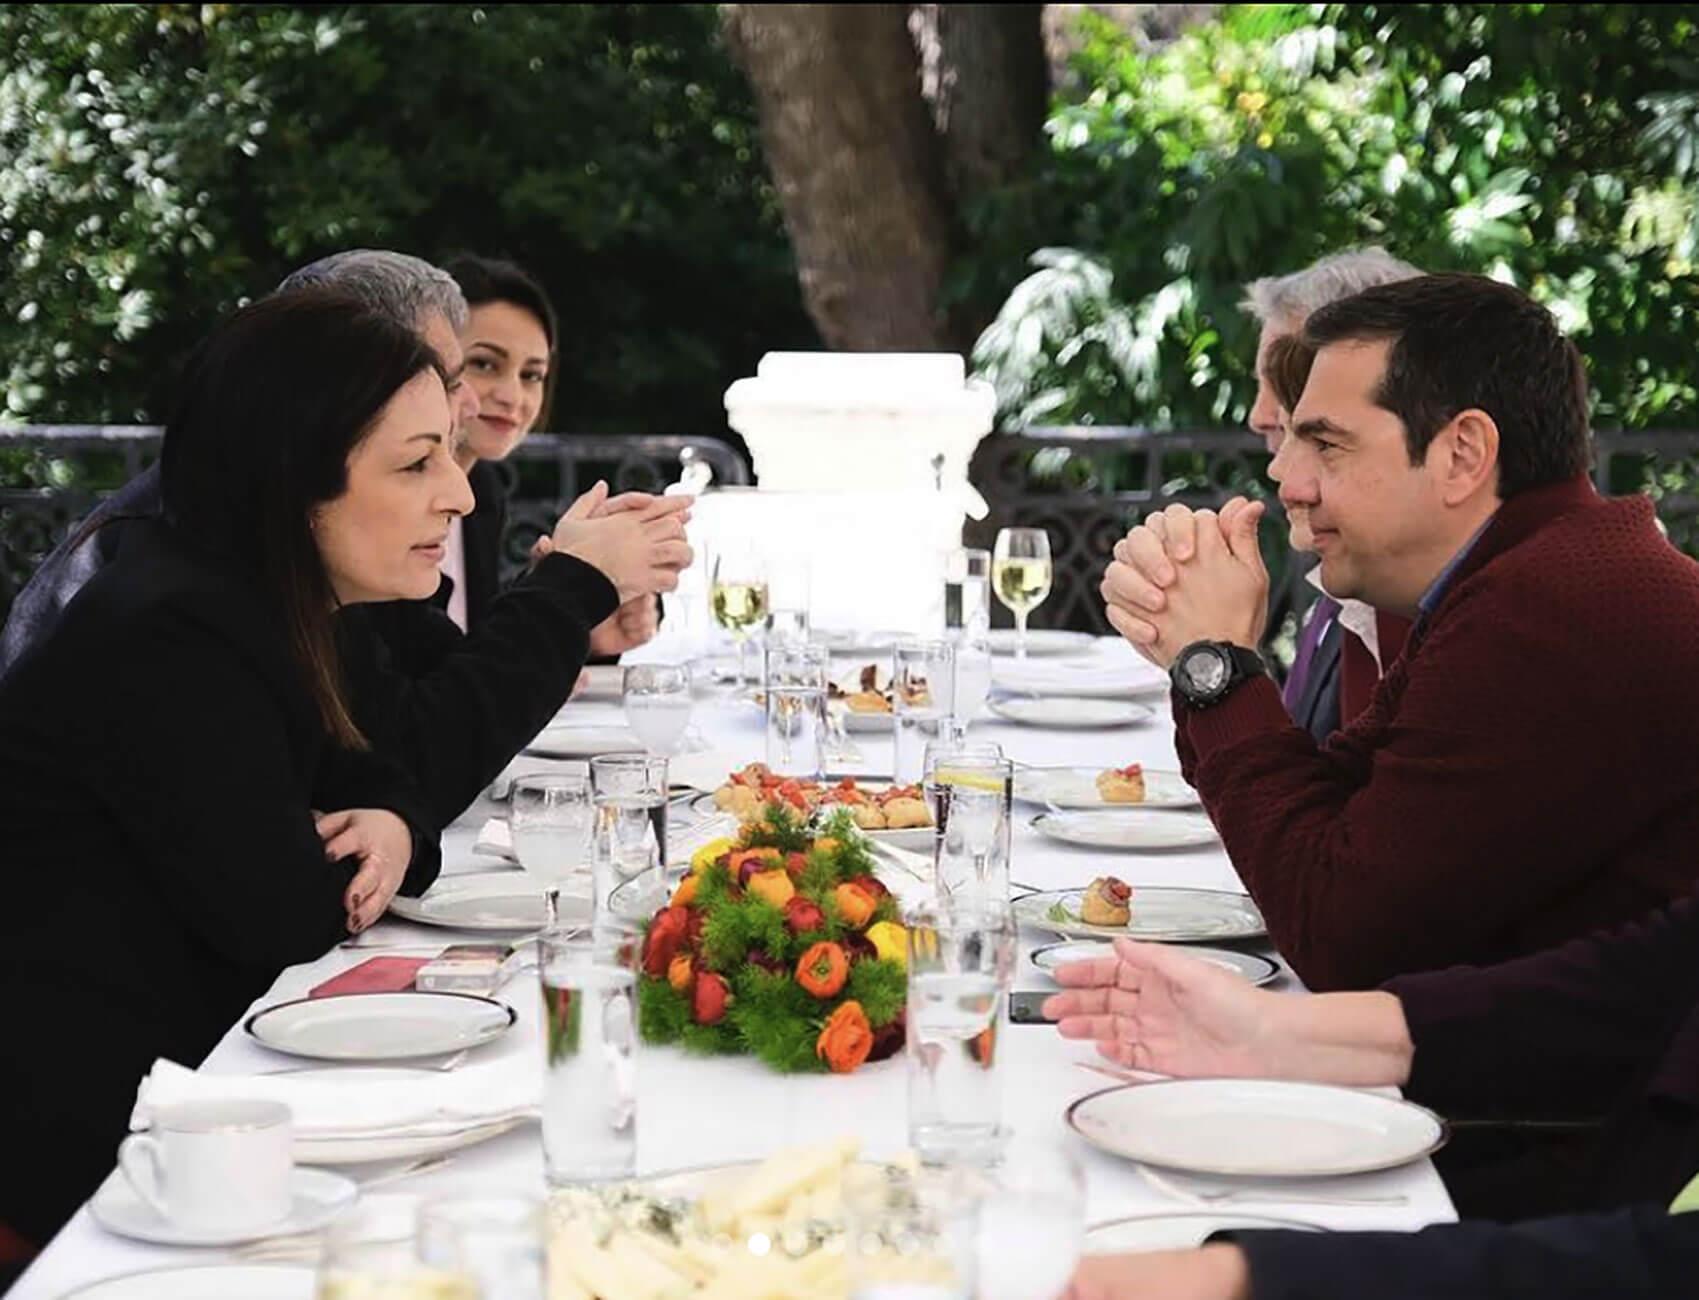 Στα χέρια του Αλέξη Τσίπρα η τύχη της Μυρσίνης Λοΐζου - Παραιτήθηκε με επιστολή της από υποψήφια ευρωβουλευτής του ΣΥΡΙΖΑ